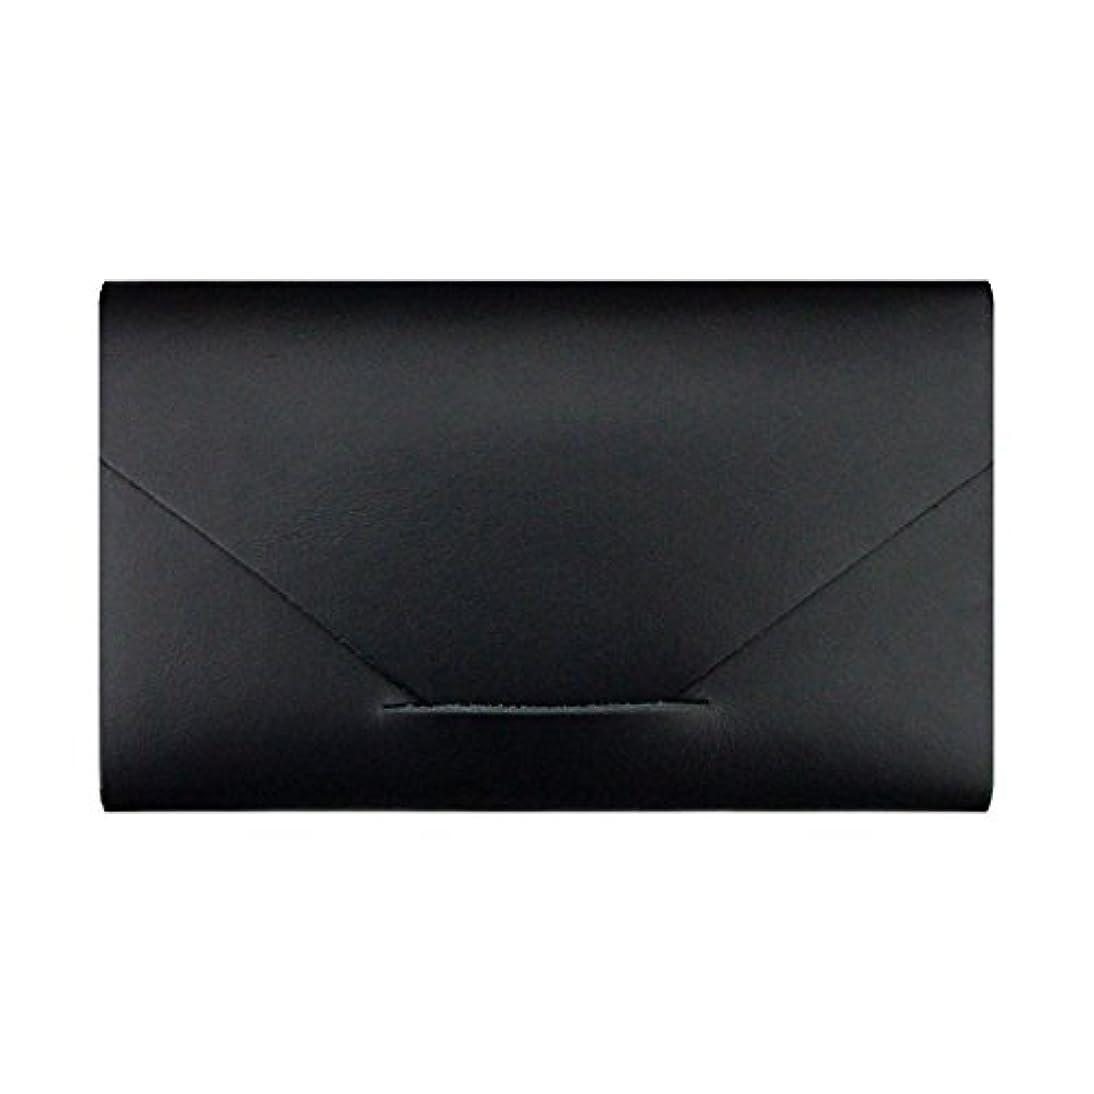 先見の明つなぐ留まるMODERN AGE TOKYO 2 カードケース(サシェ3種入) ブラック BLACK CARD CASE モダンエイジトウキョウツー